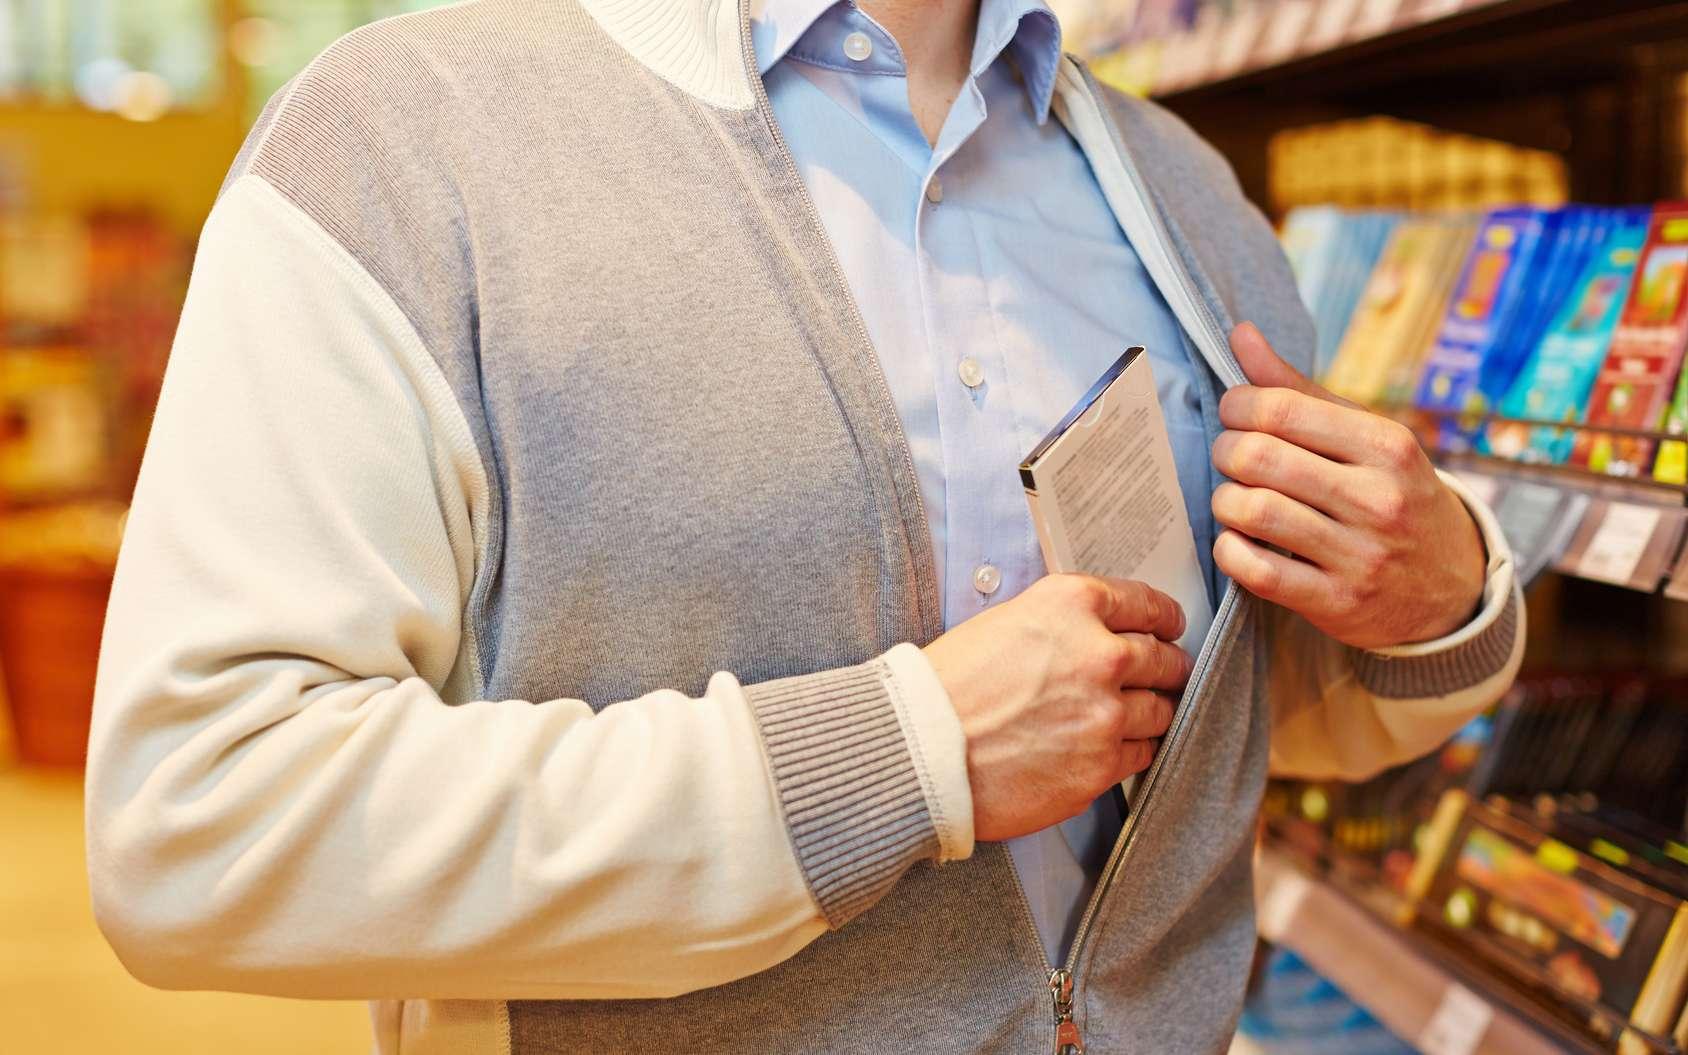 Les voleurs dans les magasins ont un comportement physique qu'une IA peut apprendre à reconnaître. © Robert Kneschke, Fotolia